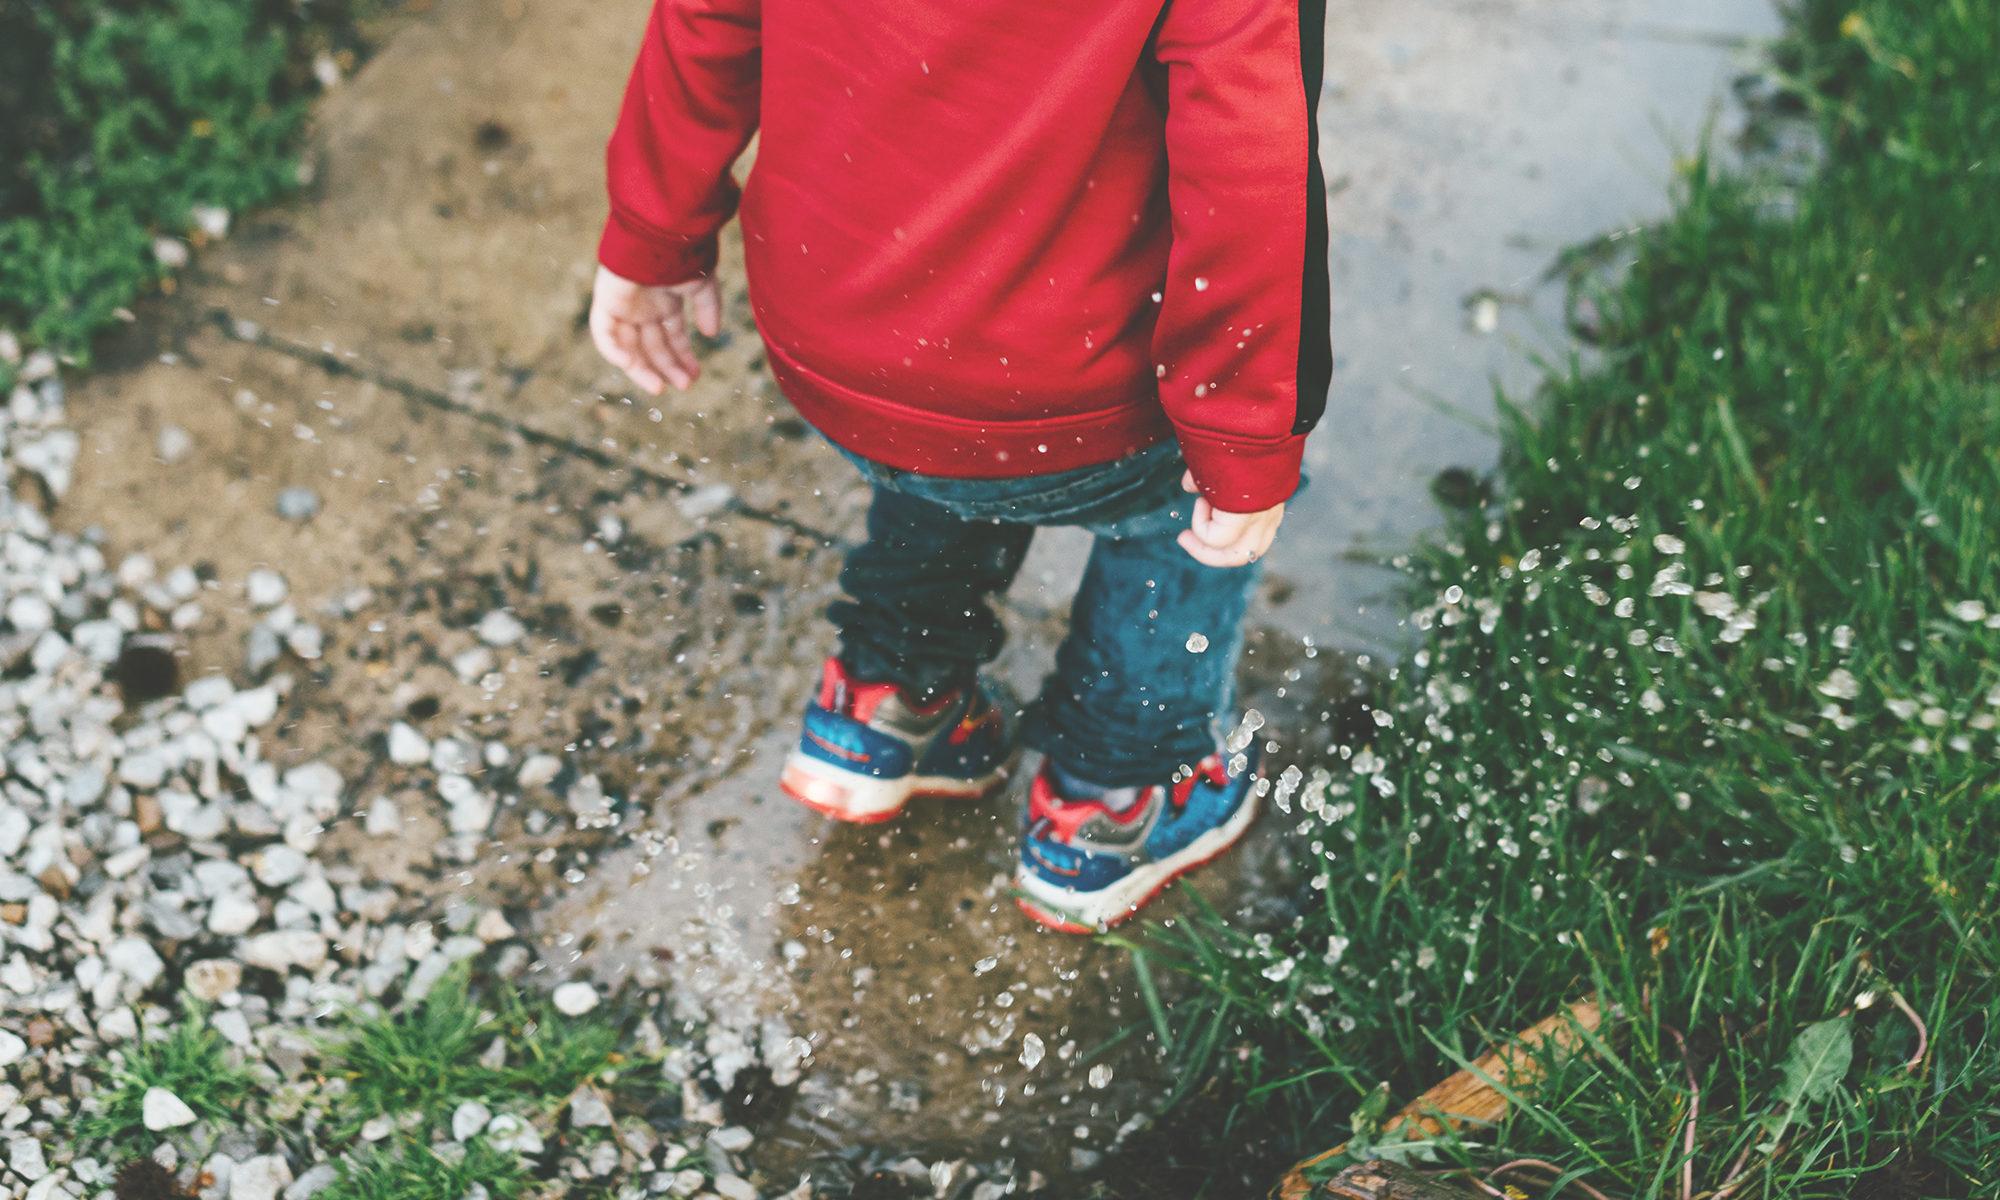 bambino - pozzanghera - infanzia - gioco - pioggia - acqua